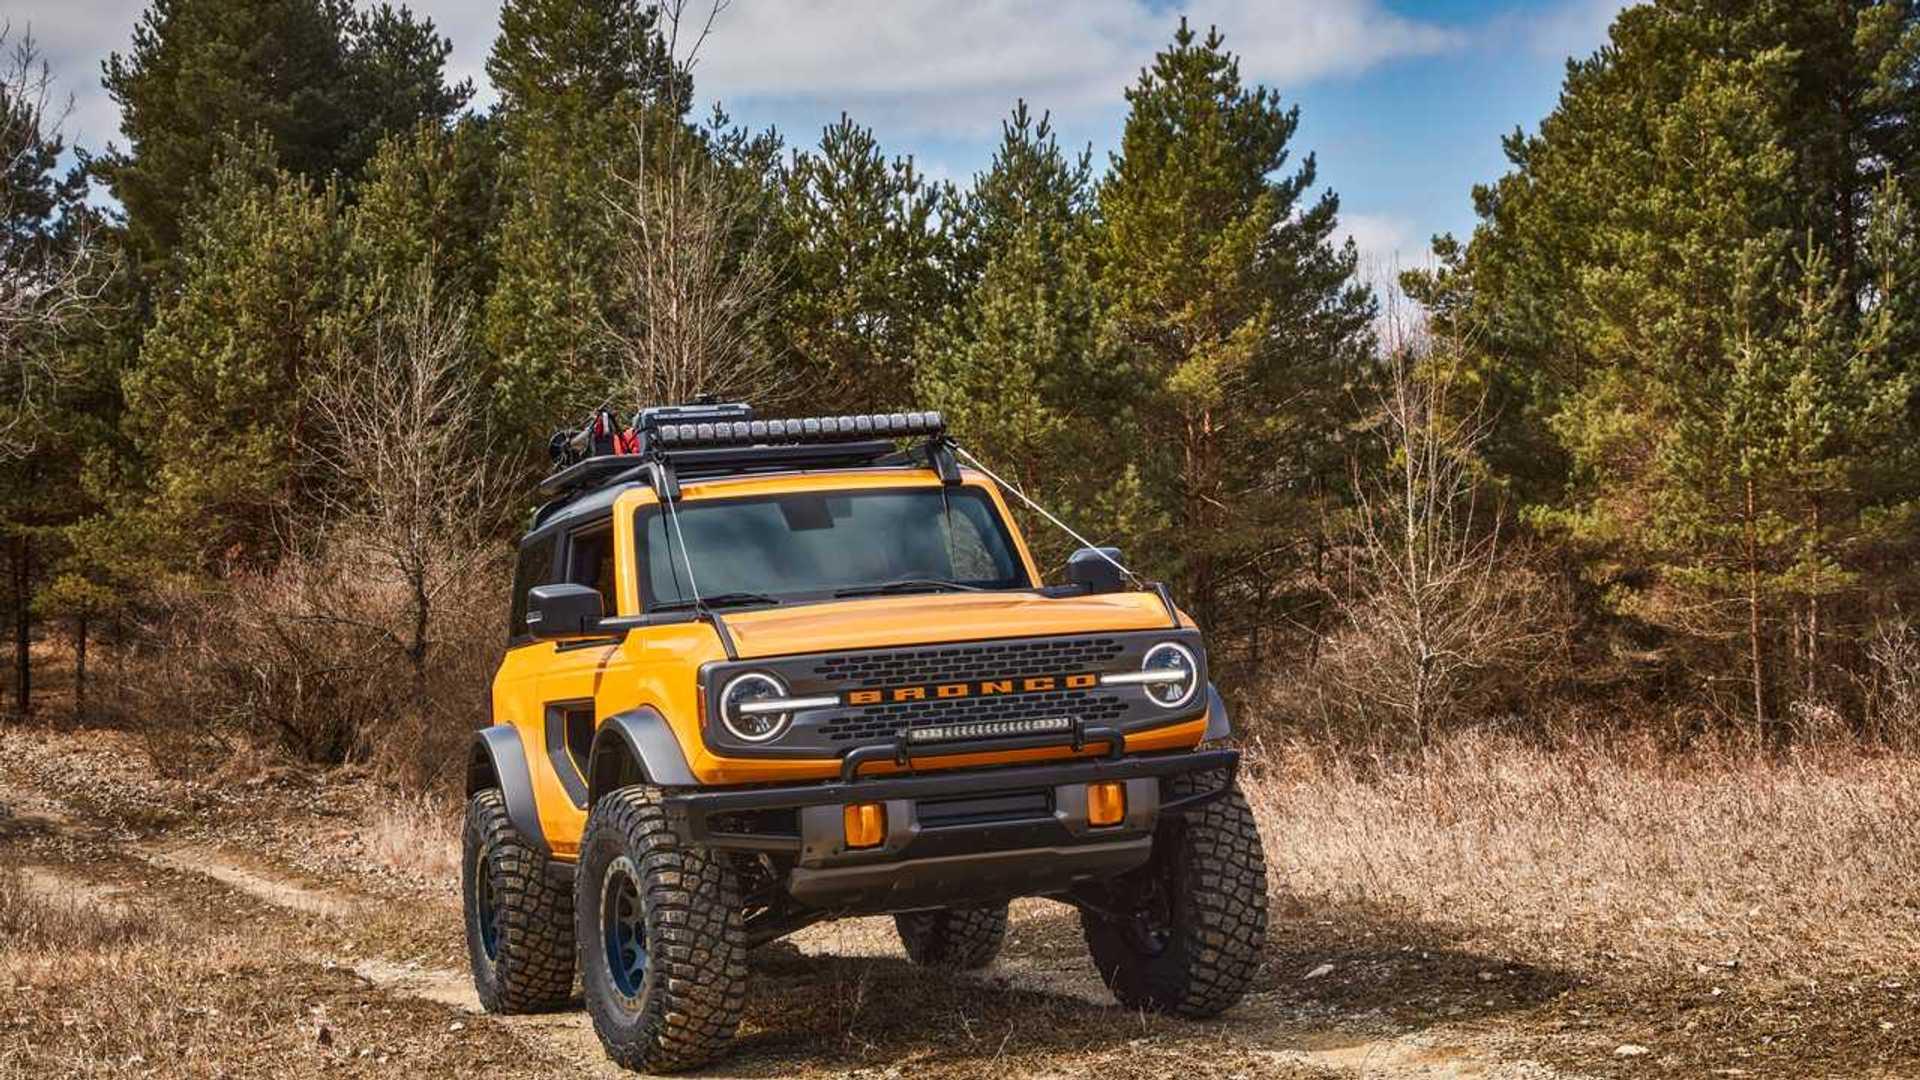 2021 Ford Bronco Pricing 2 Door And 4 Door Models